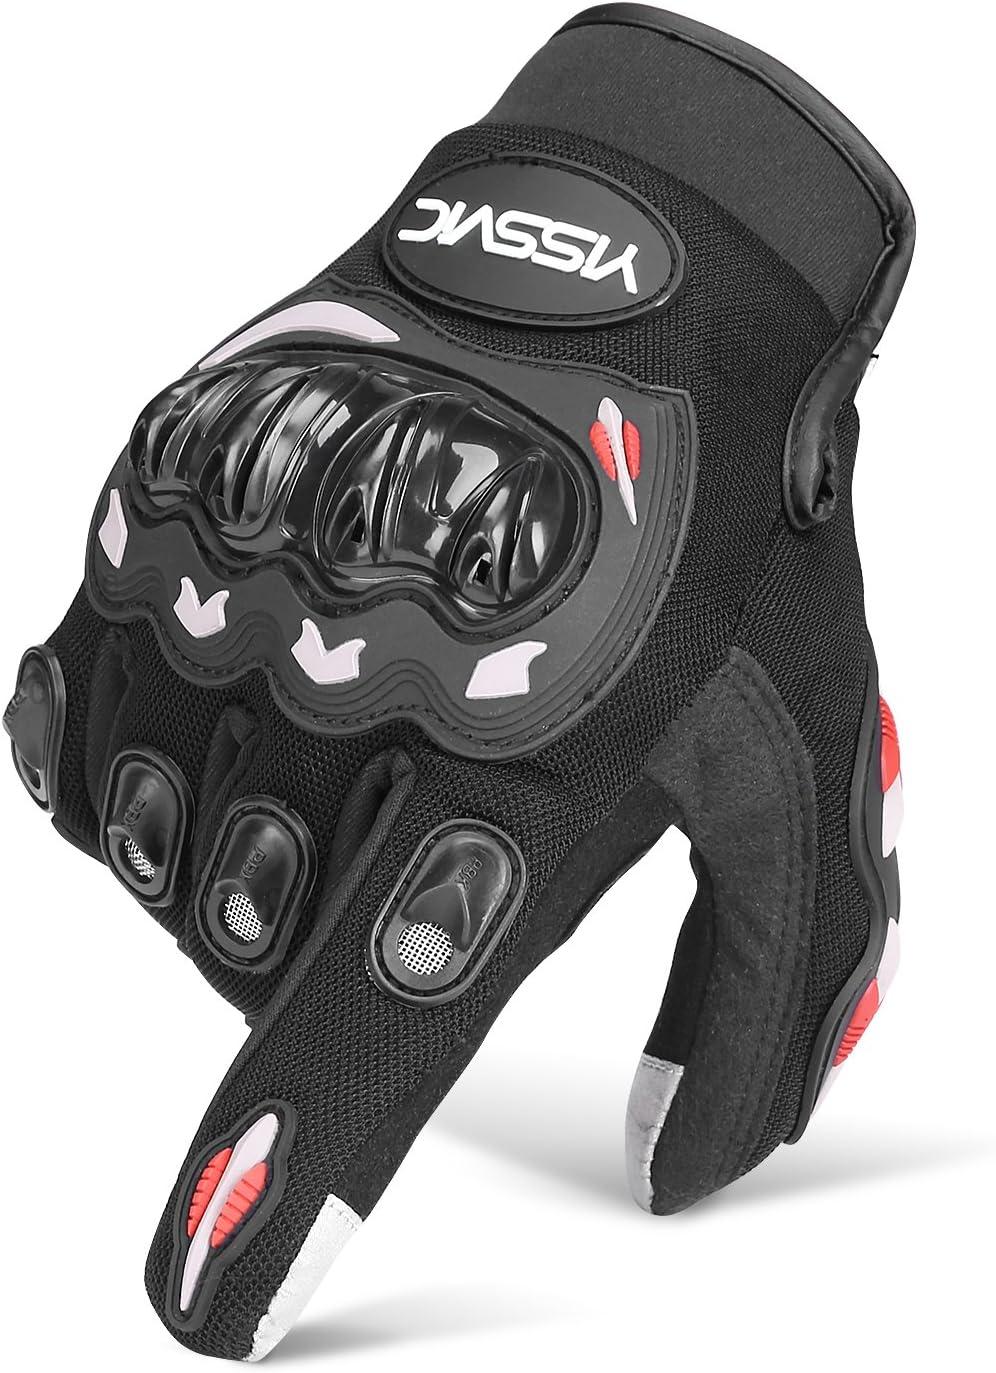 Guanti Sportivi Estivi con Protezione Dita Touchscreen Traspirante per Motociclismo Unigear Guanti Moto Sports Escursionismo Ciclismo Attivit/à all/'Aperto